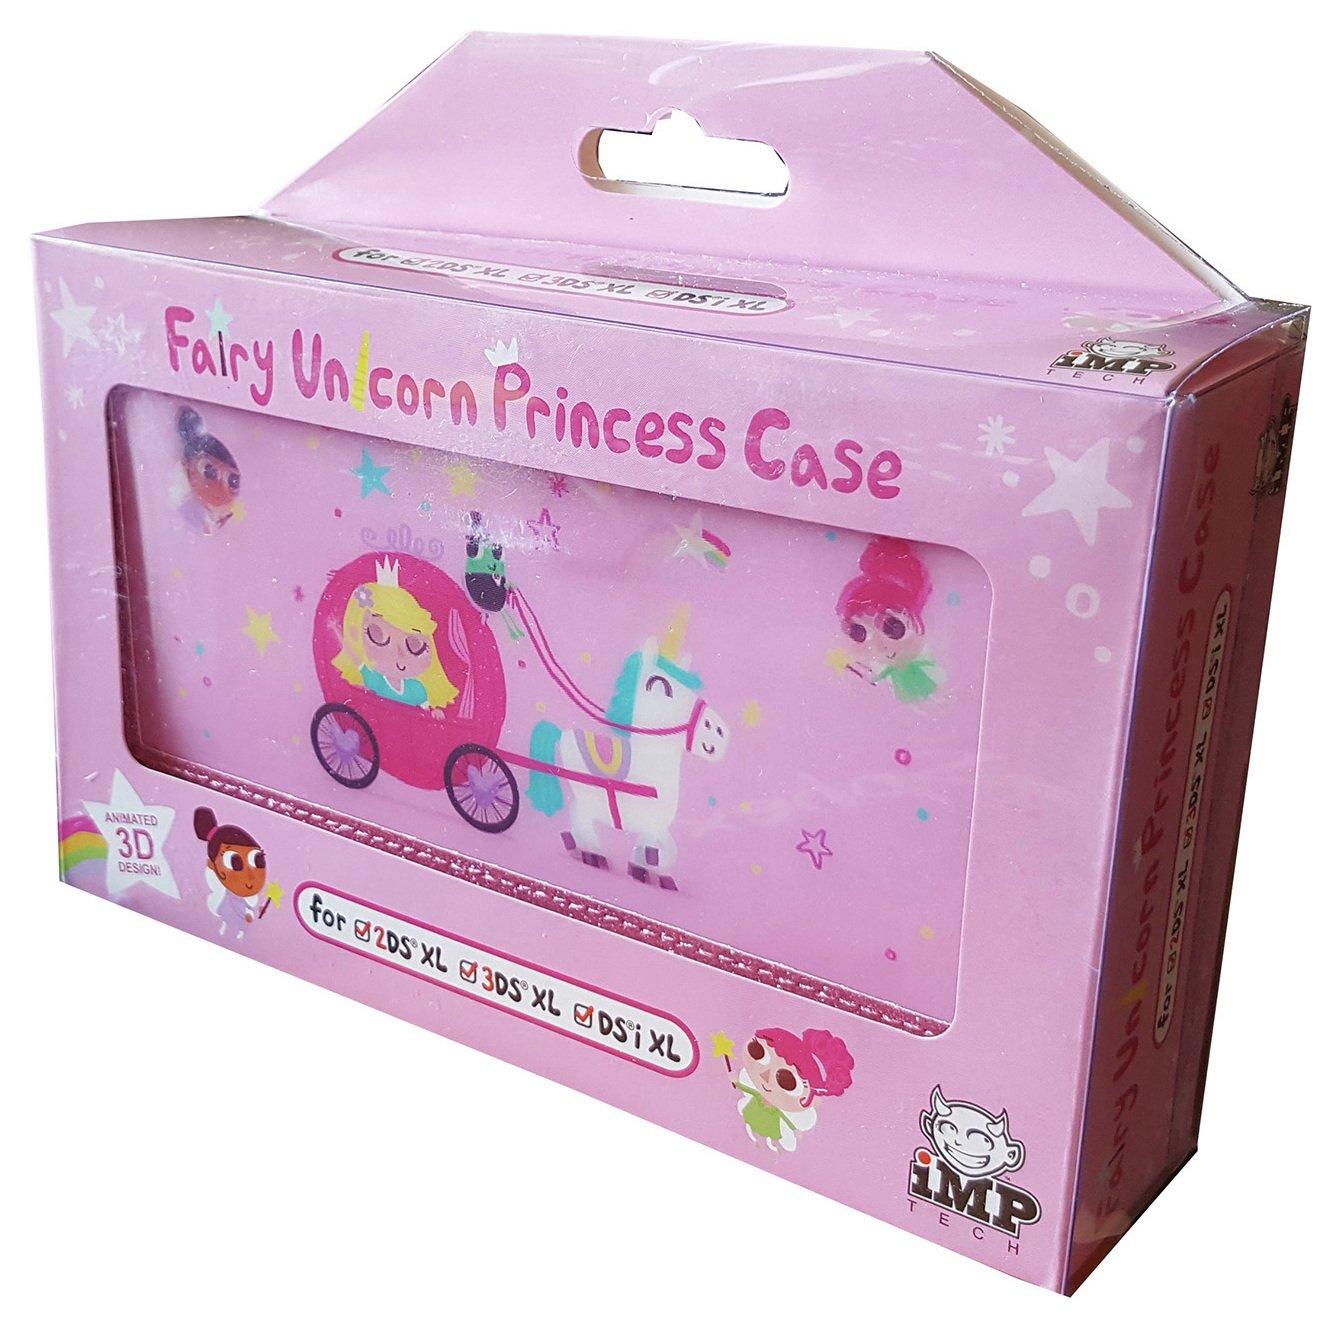 Image of Fairy Unicorn Princess Nintendo 3DS XL, 2DS XL Case